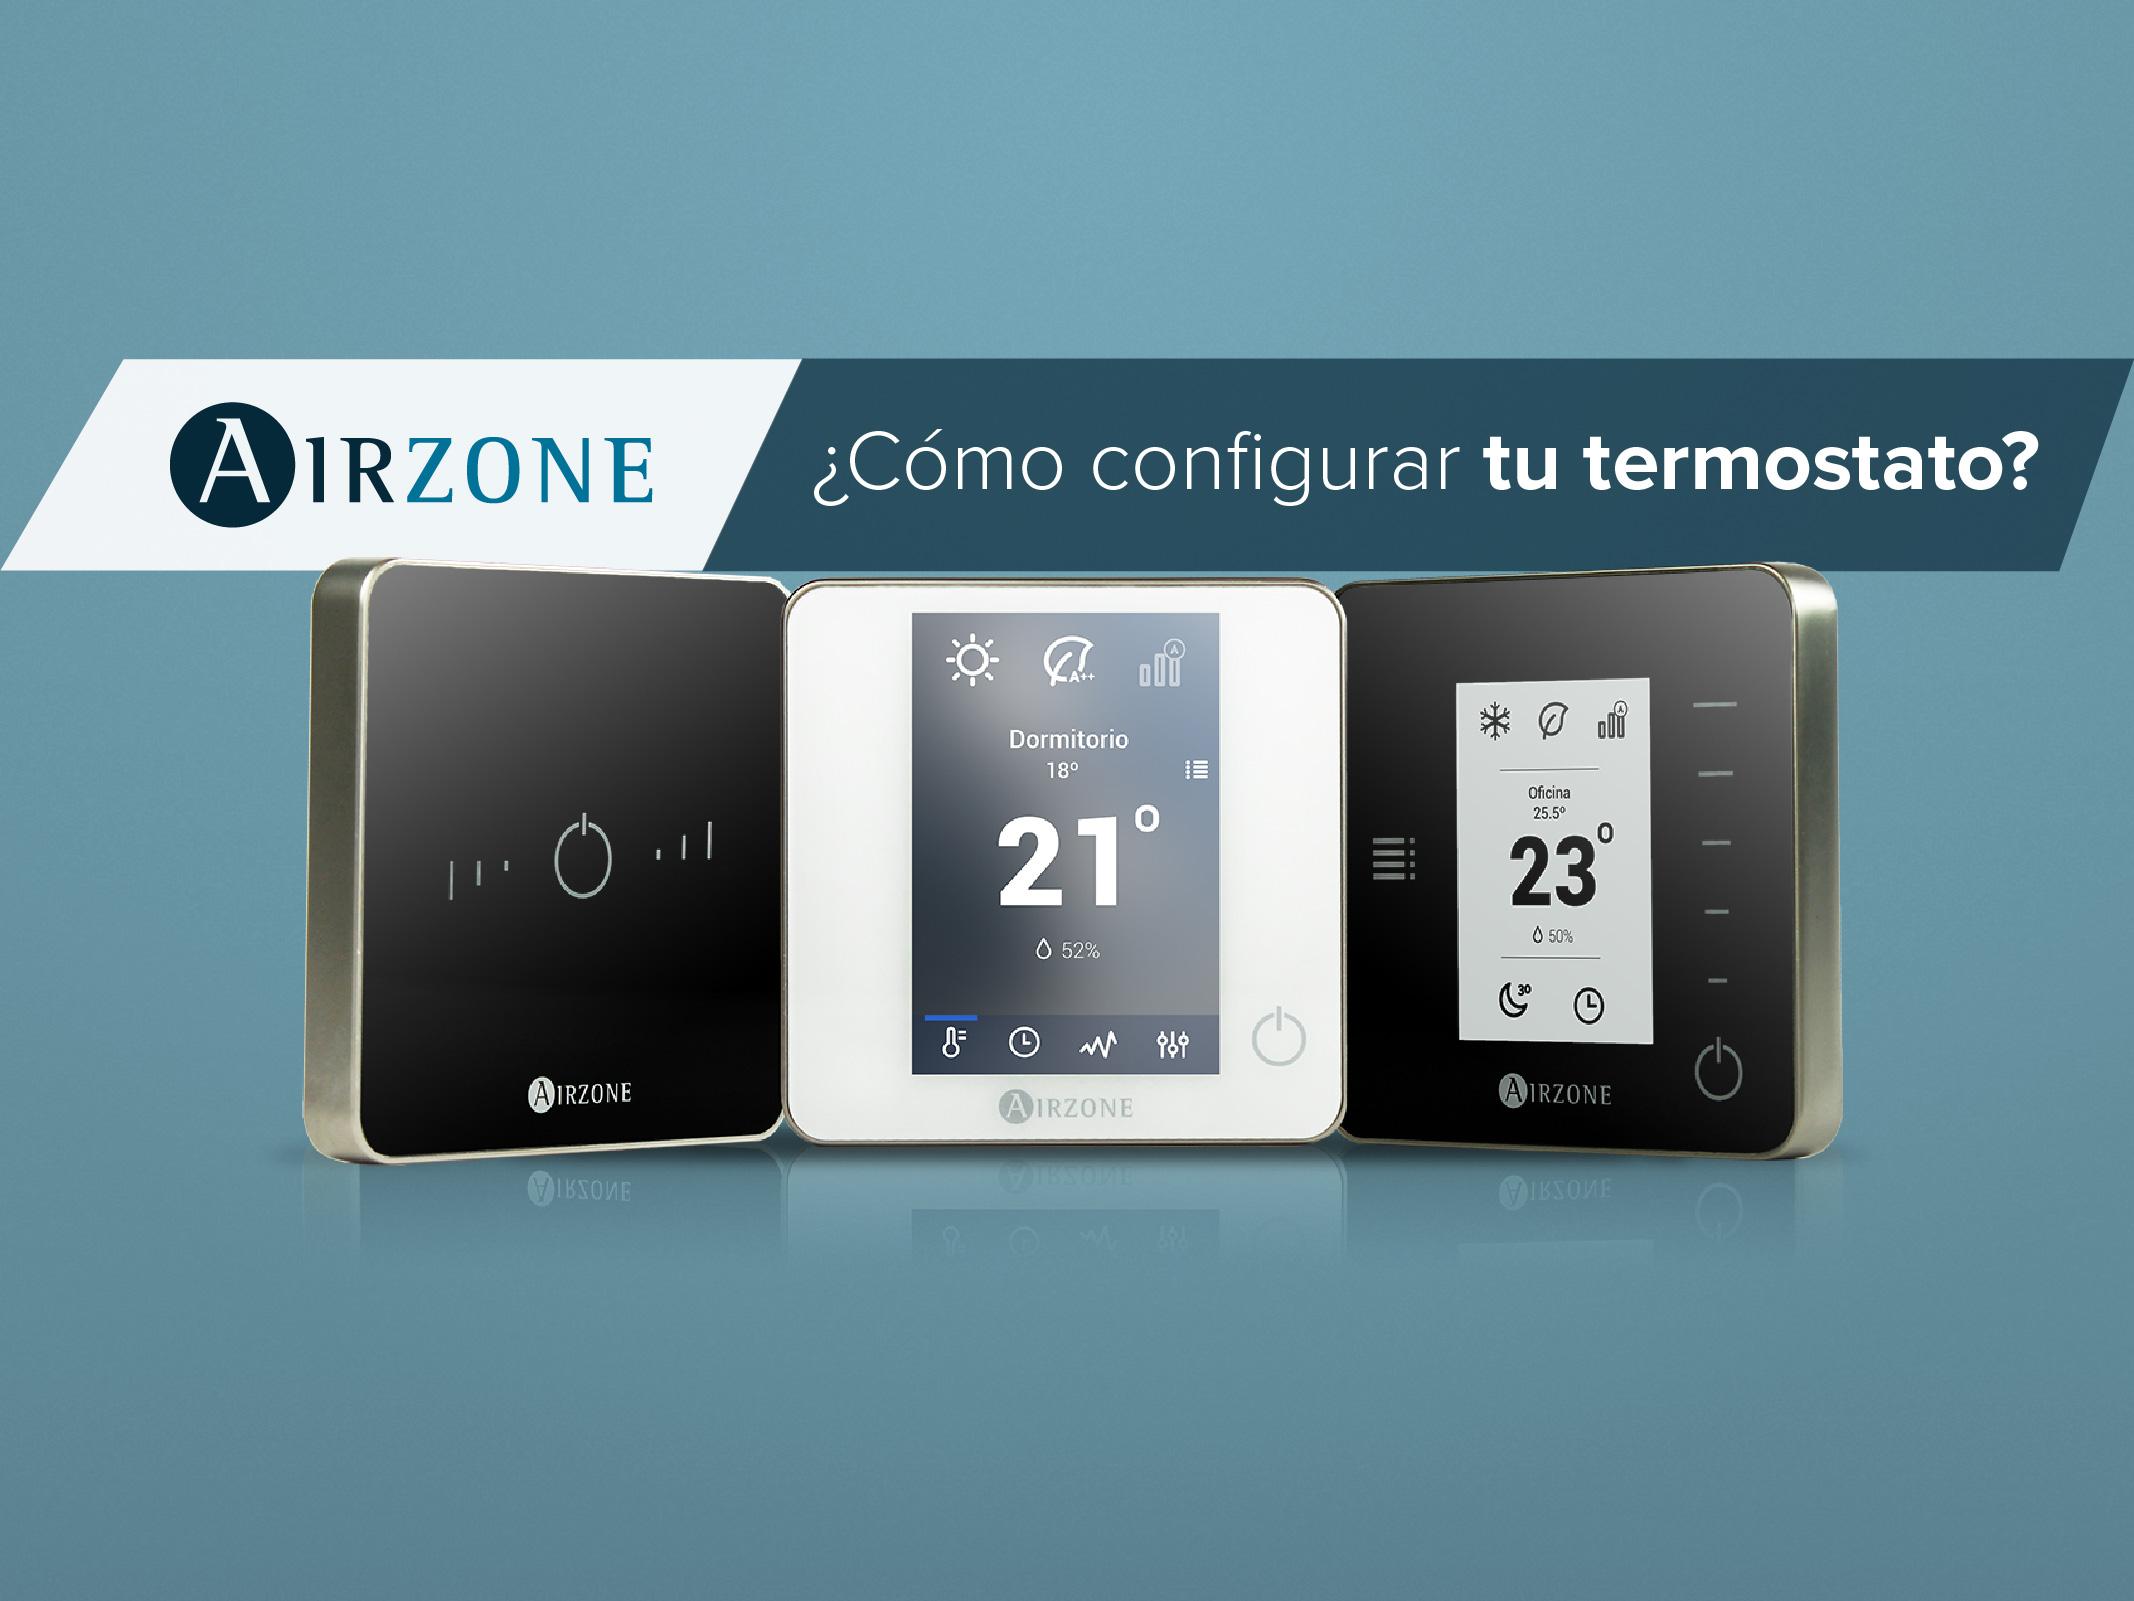 realizar la configuracion inicial de los termostatos airzone